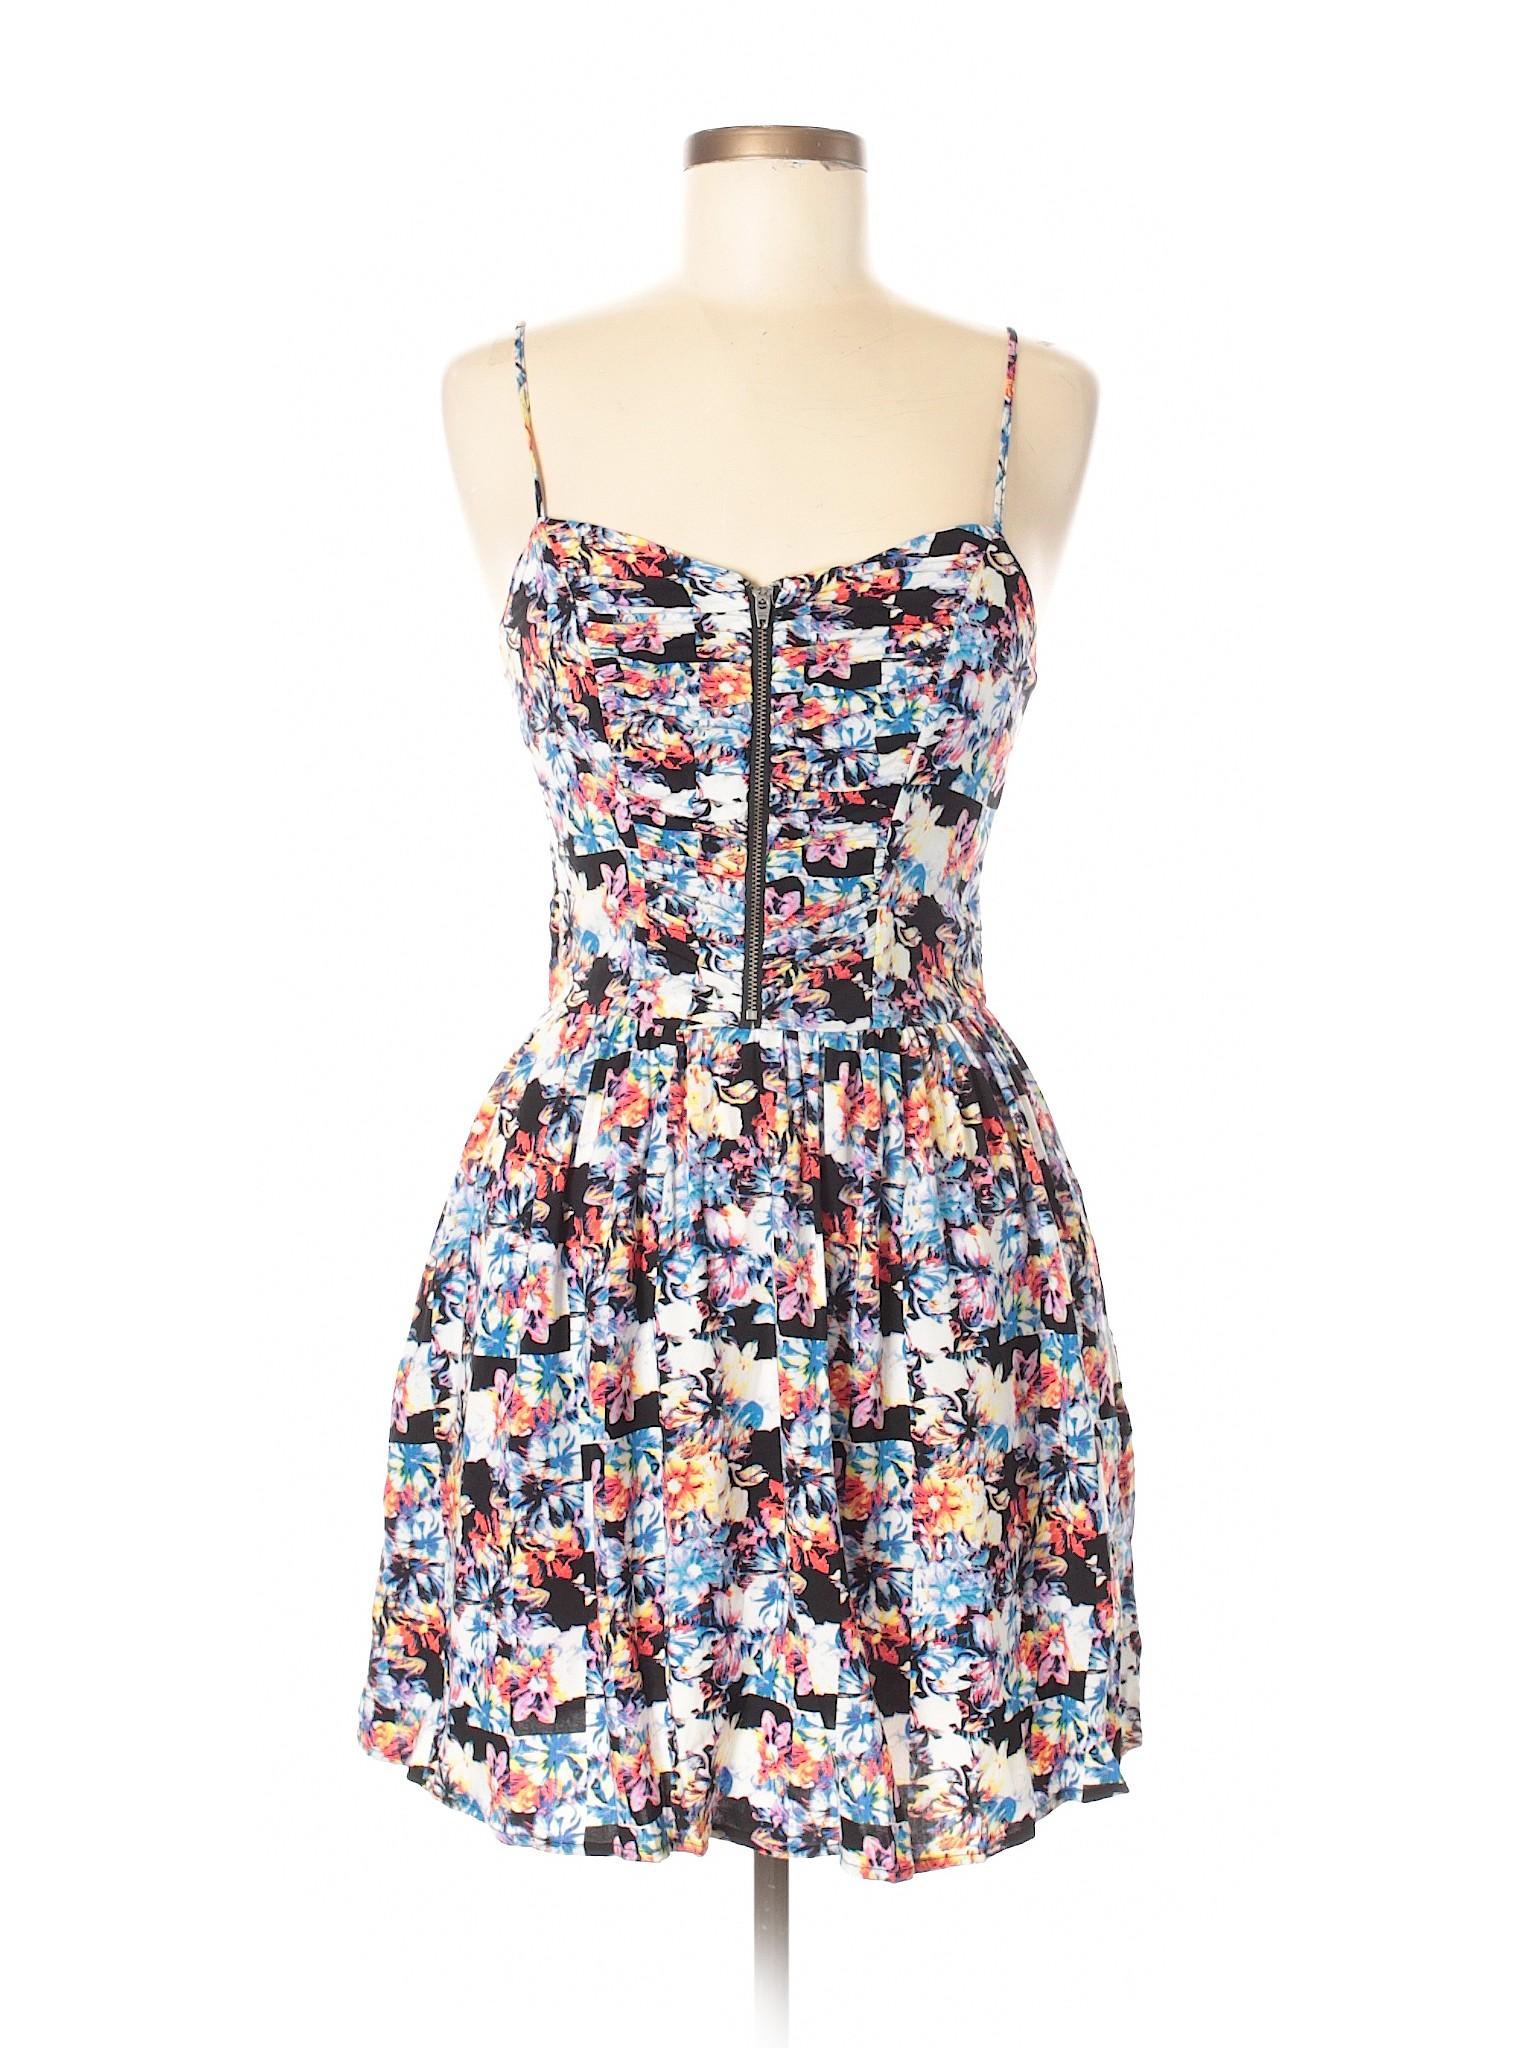 Dress Xhilaration Boutique Boutique winter winter Casual FwfxptfXqC